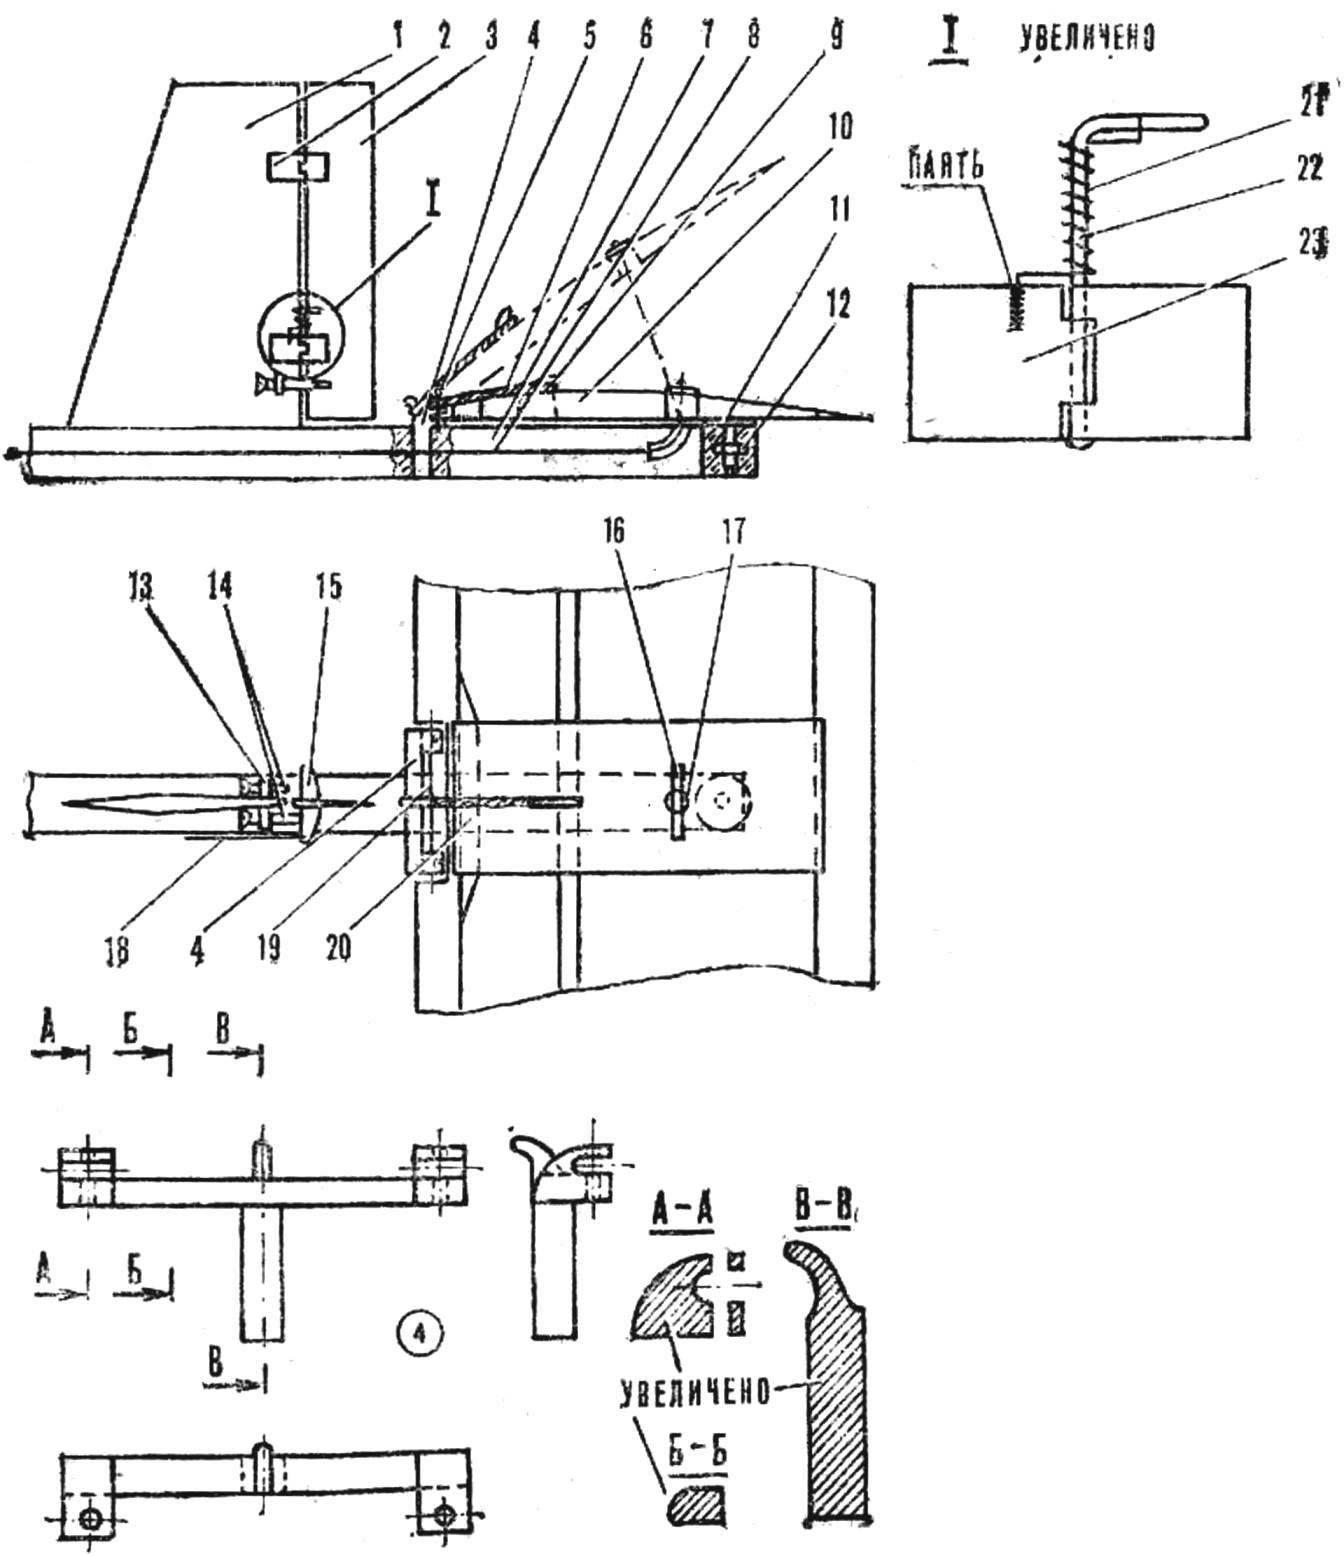 Конструкция хвостовой части таймерной модели